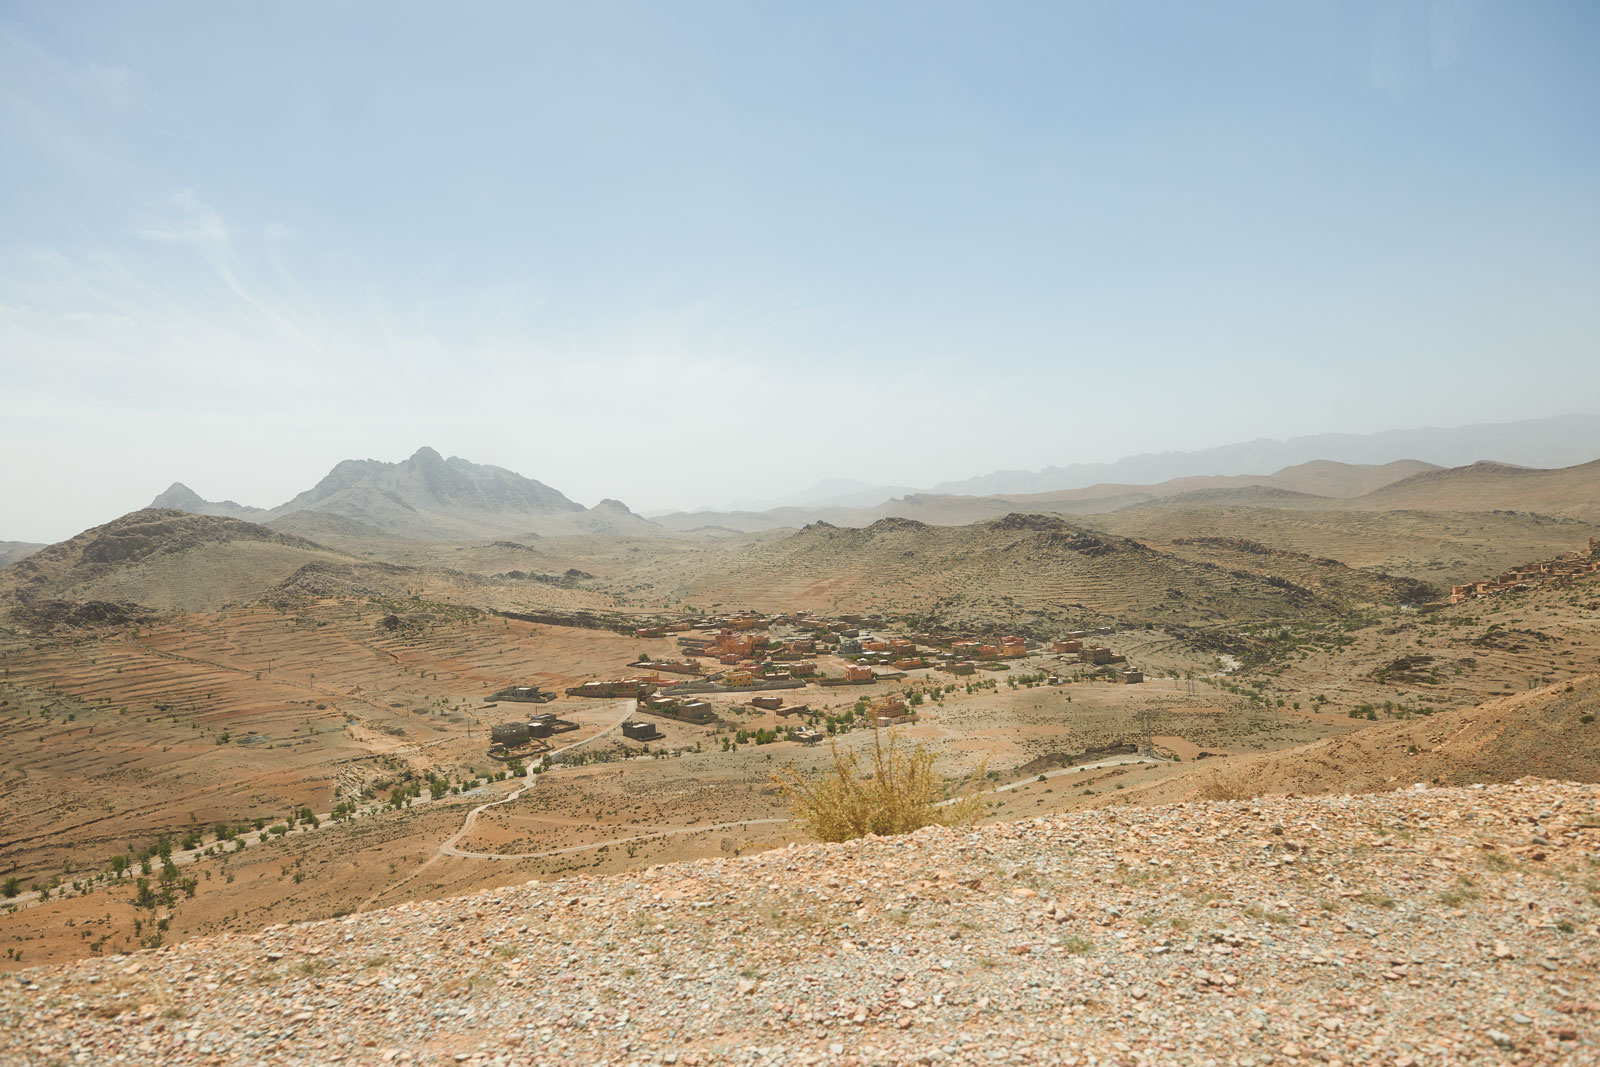 Bild einer Landschaft in den Bergen des Antiatlas Gebirges in Marokko